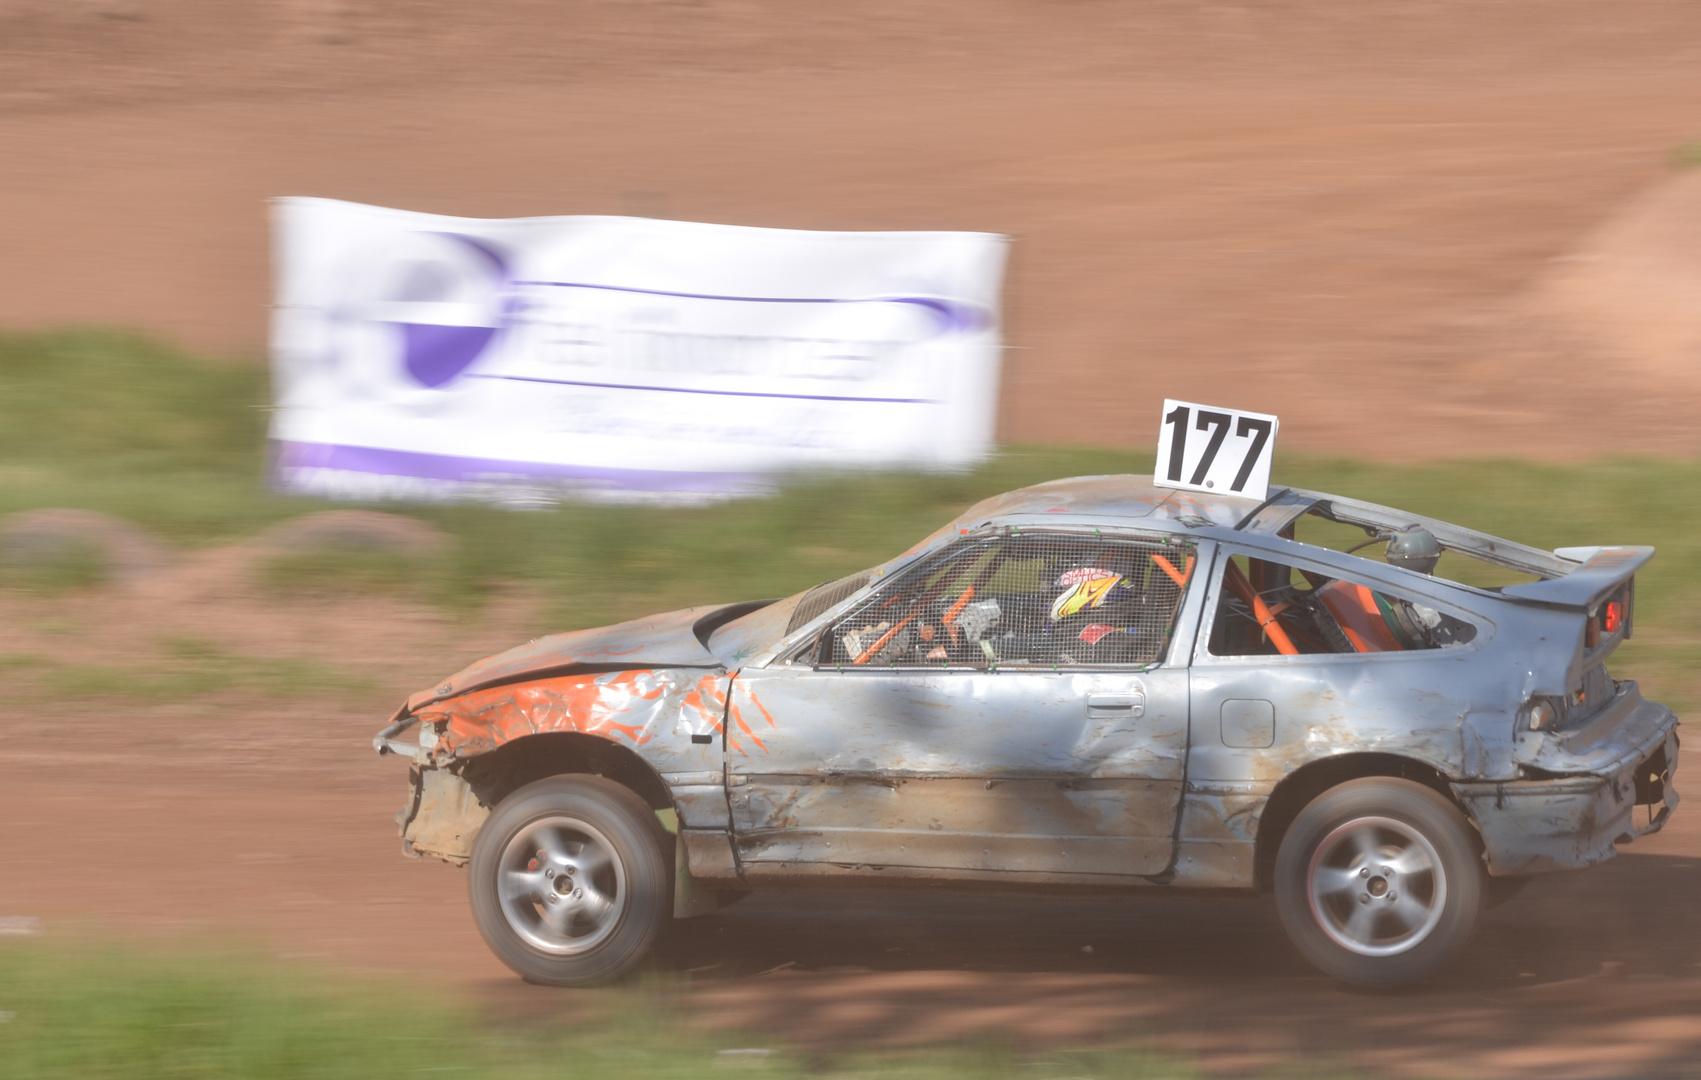 Autocross Krautscheid April 2014 Teil 2